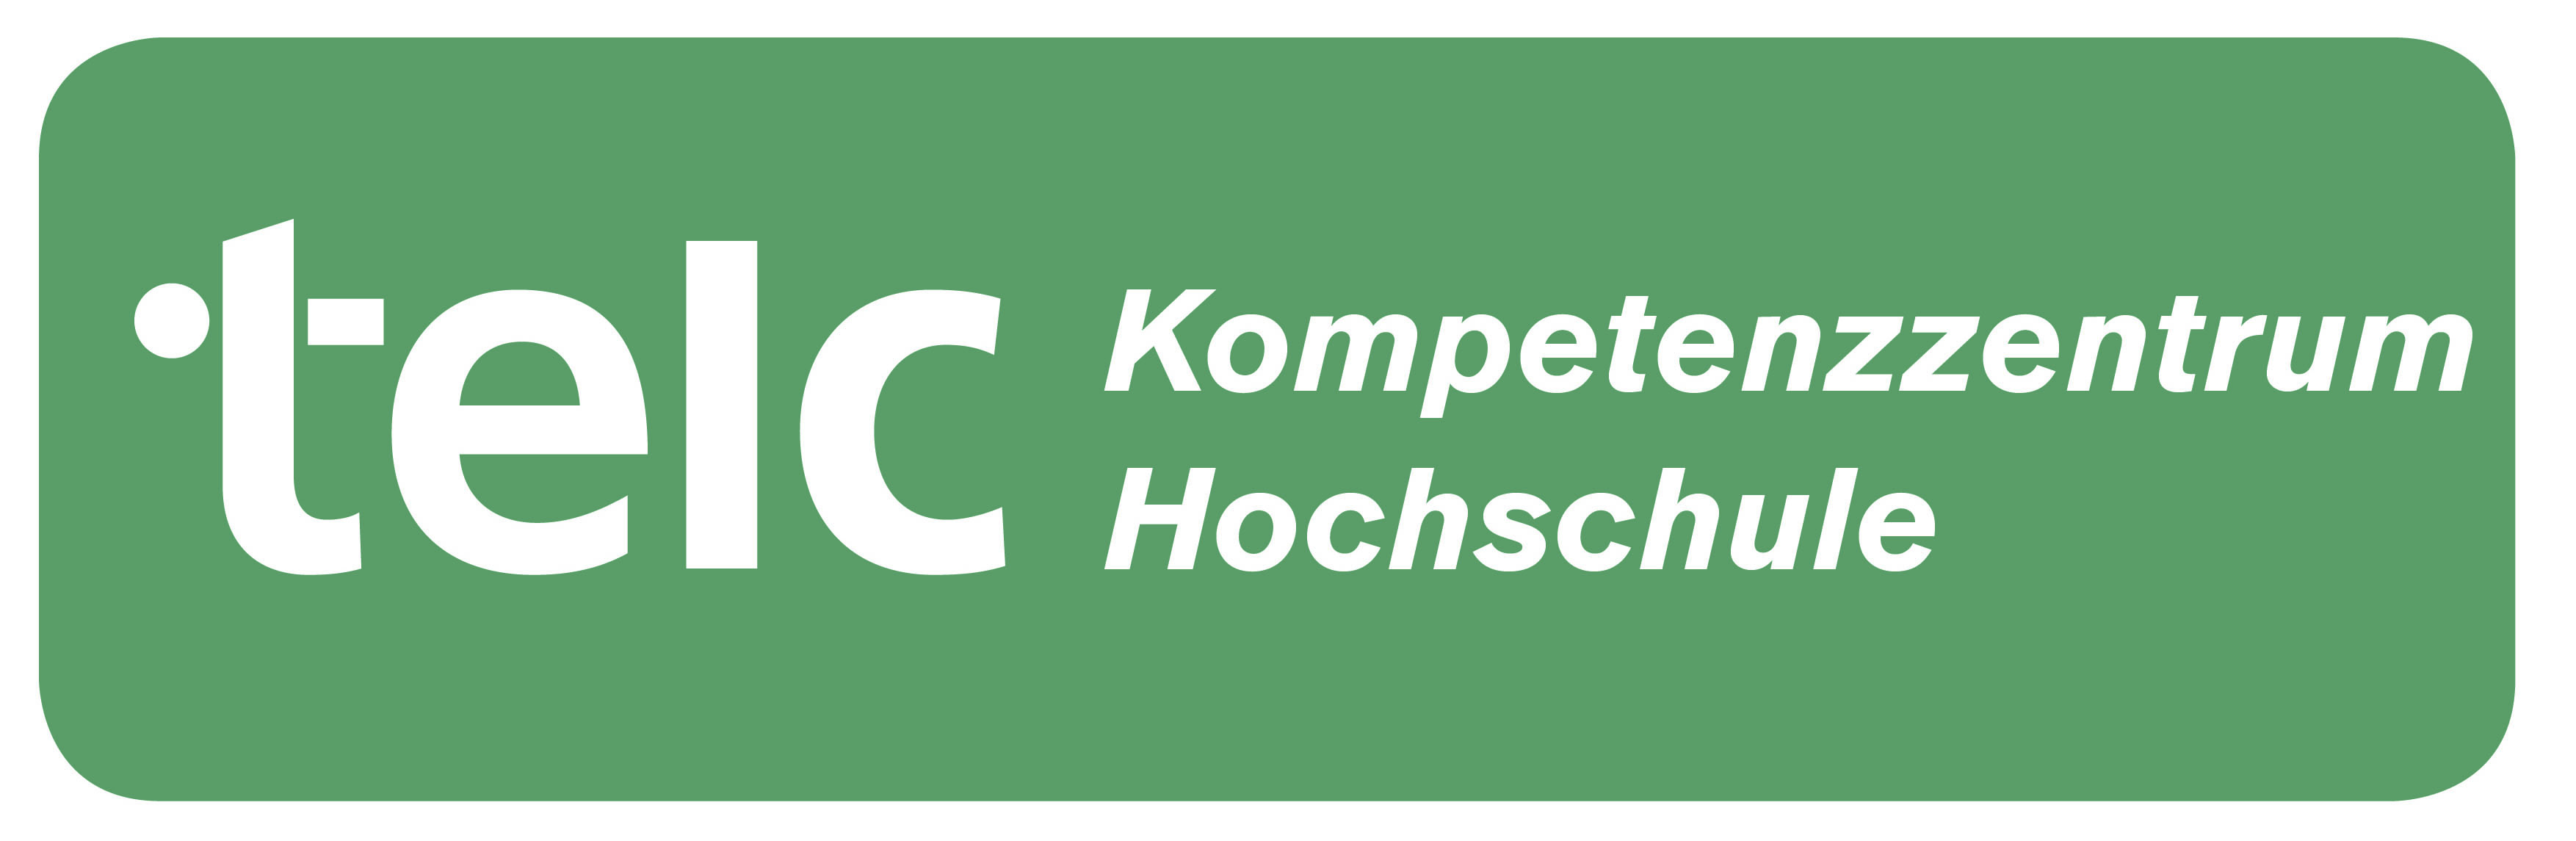 Preparación para el Examen telc Deutsch C1 Hochschule en Berlín